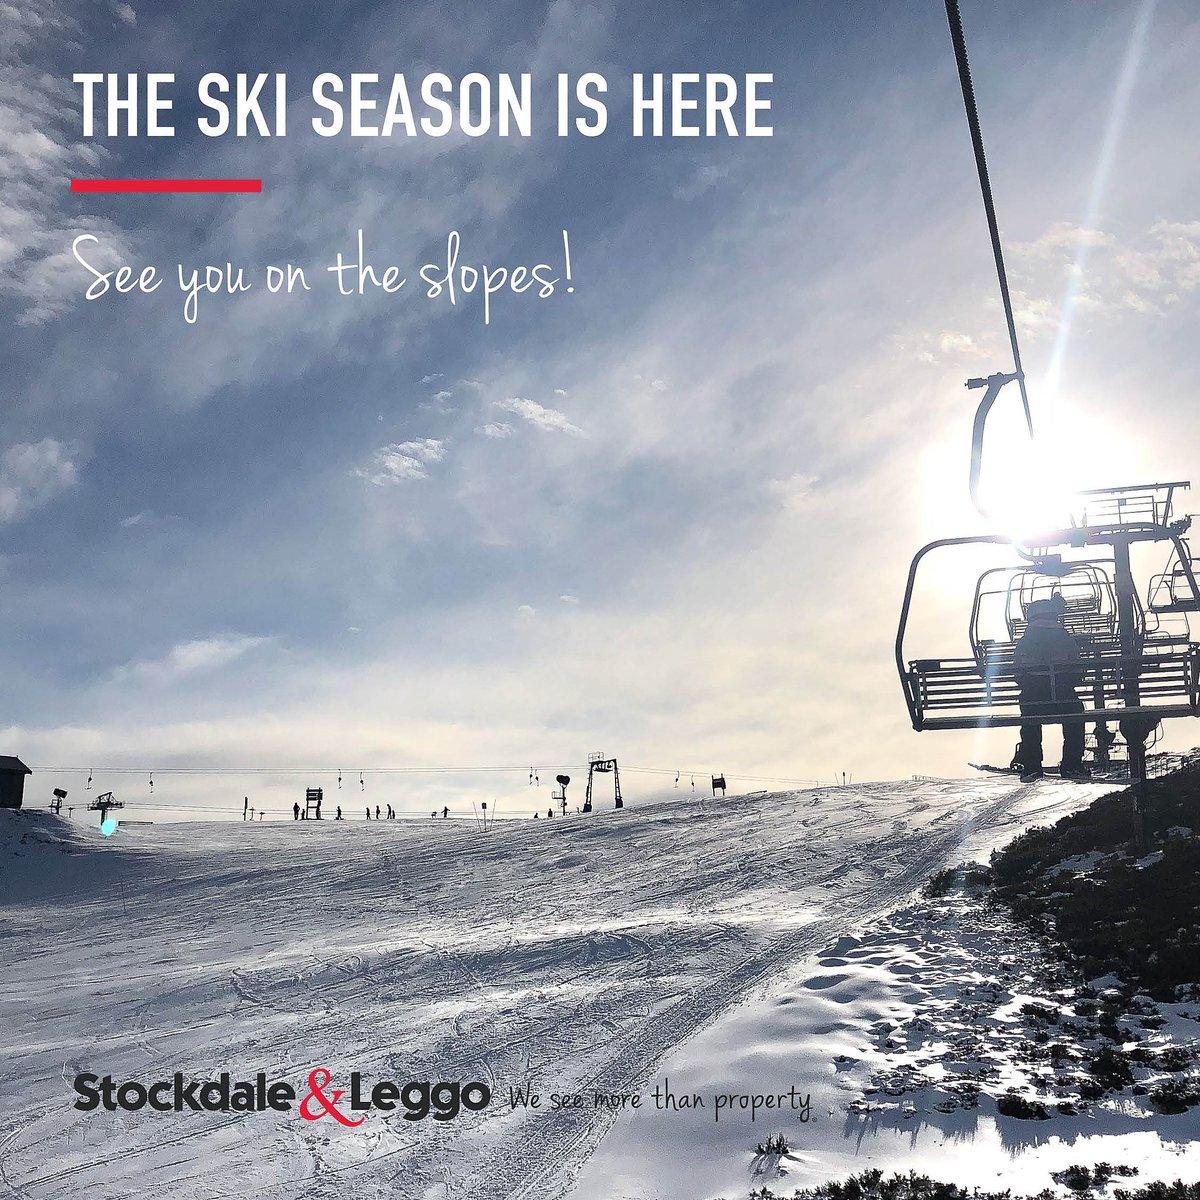 The #SkiSeason has officially kicked off! See you on the slopes! #StockdaleLeggo #AustralianWinter #MtBuller https://t.co/V0Py5R4j5O